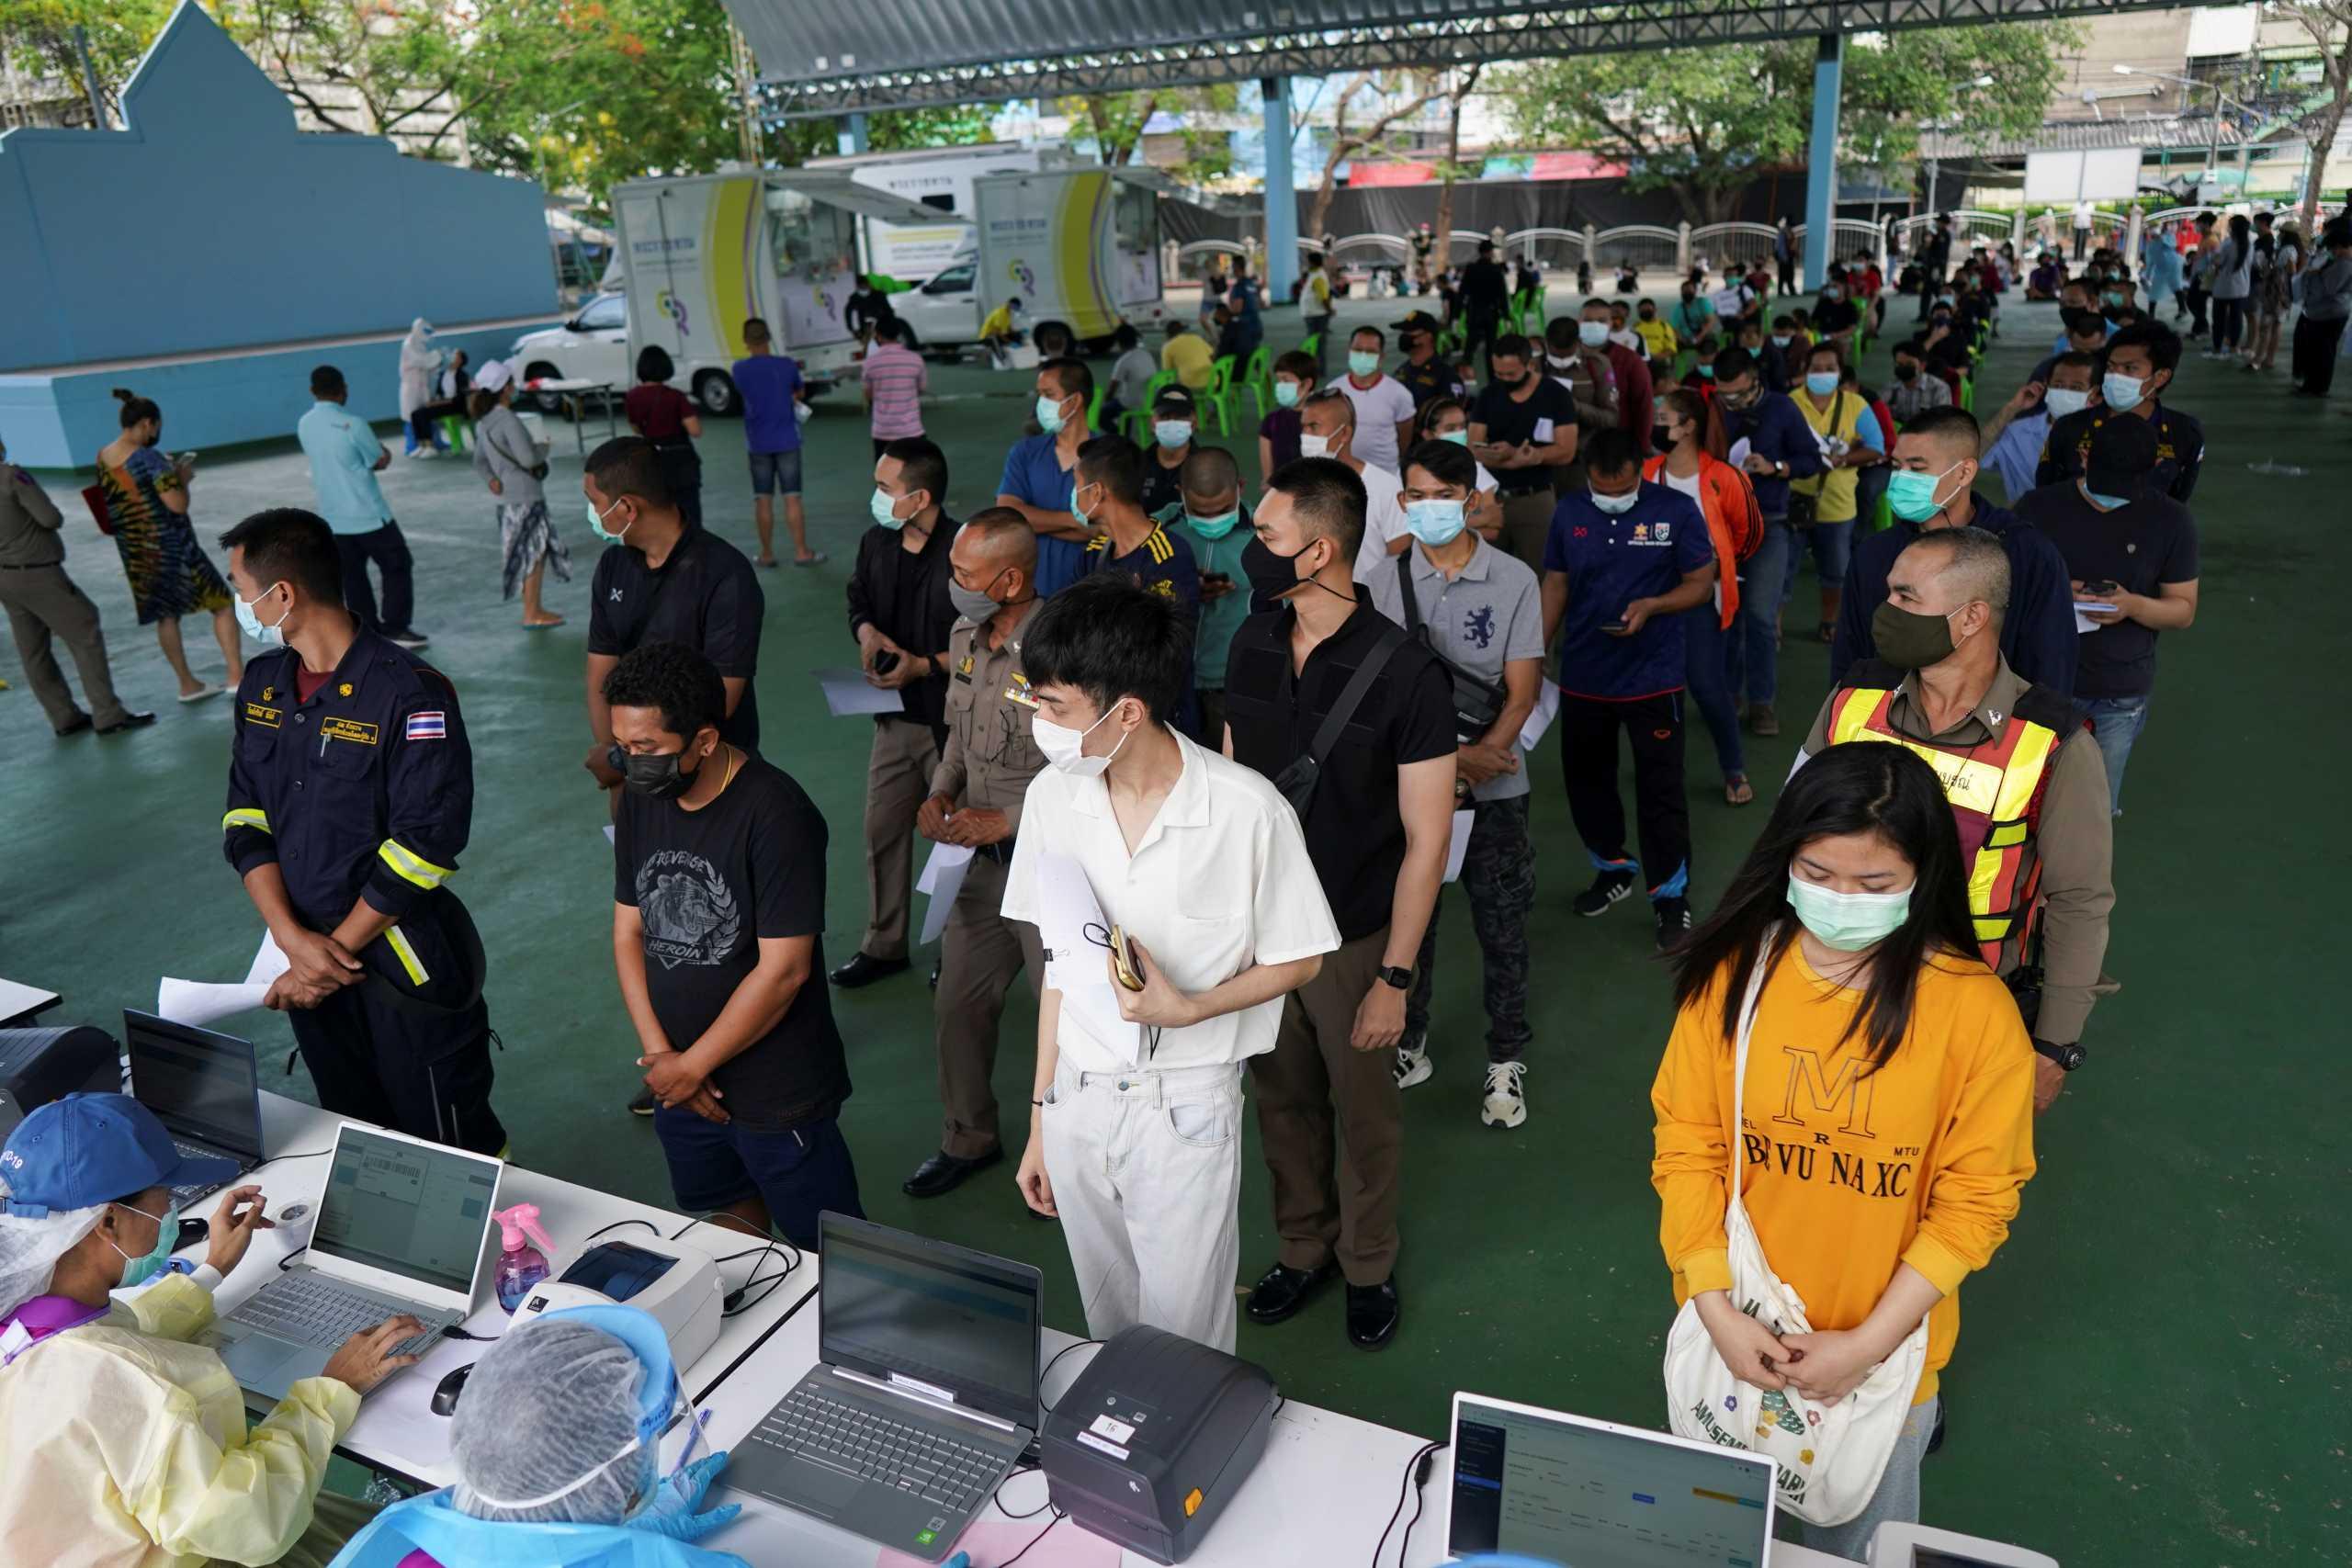 Ταϊλάνδη: Ξενοδοχεία και γυμναστήρια μετατρέπονται σε νοσοκομεία για τους ασθενείς με κορονοϊό